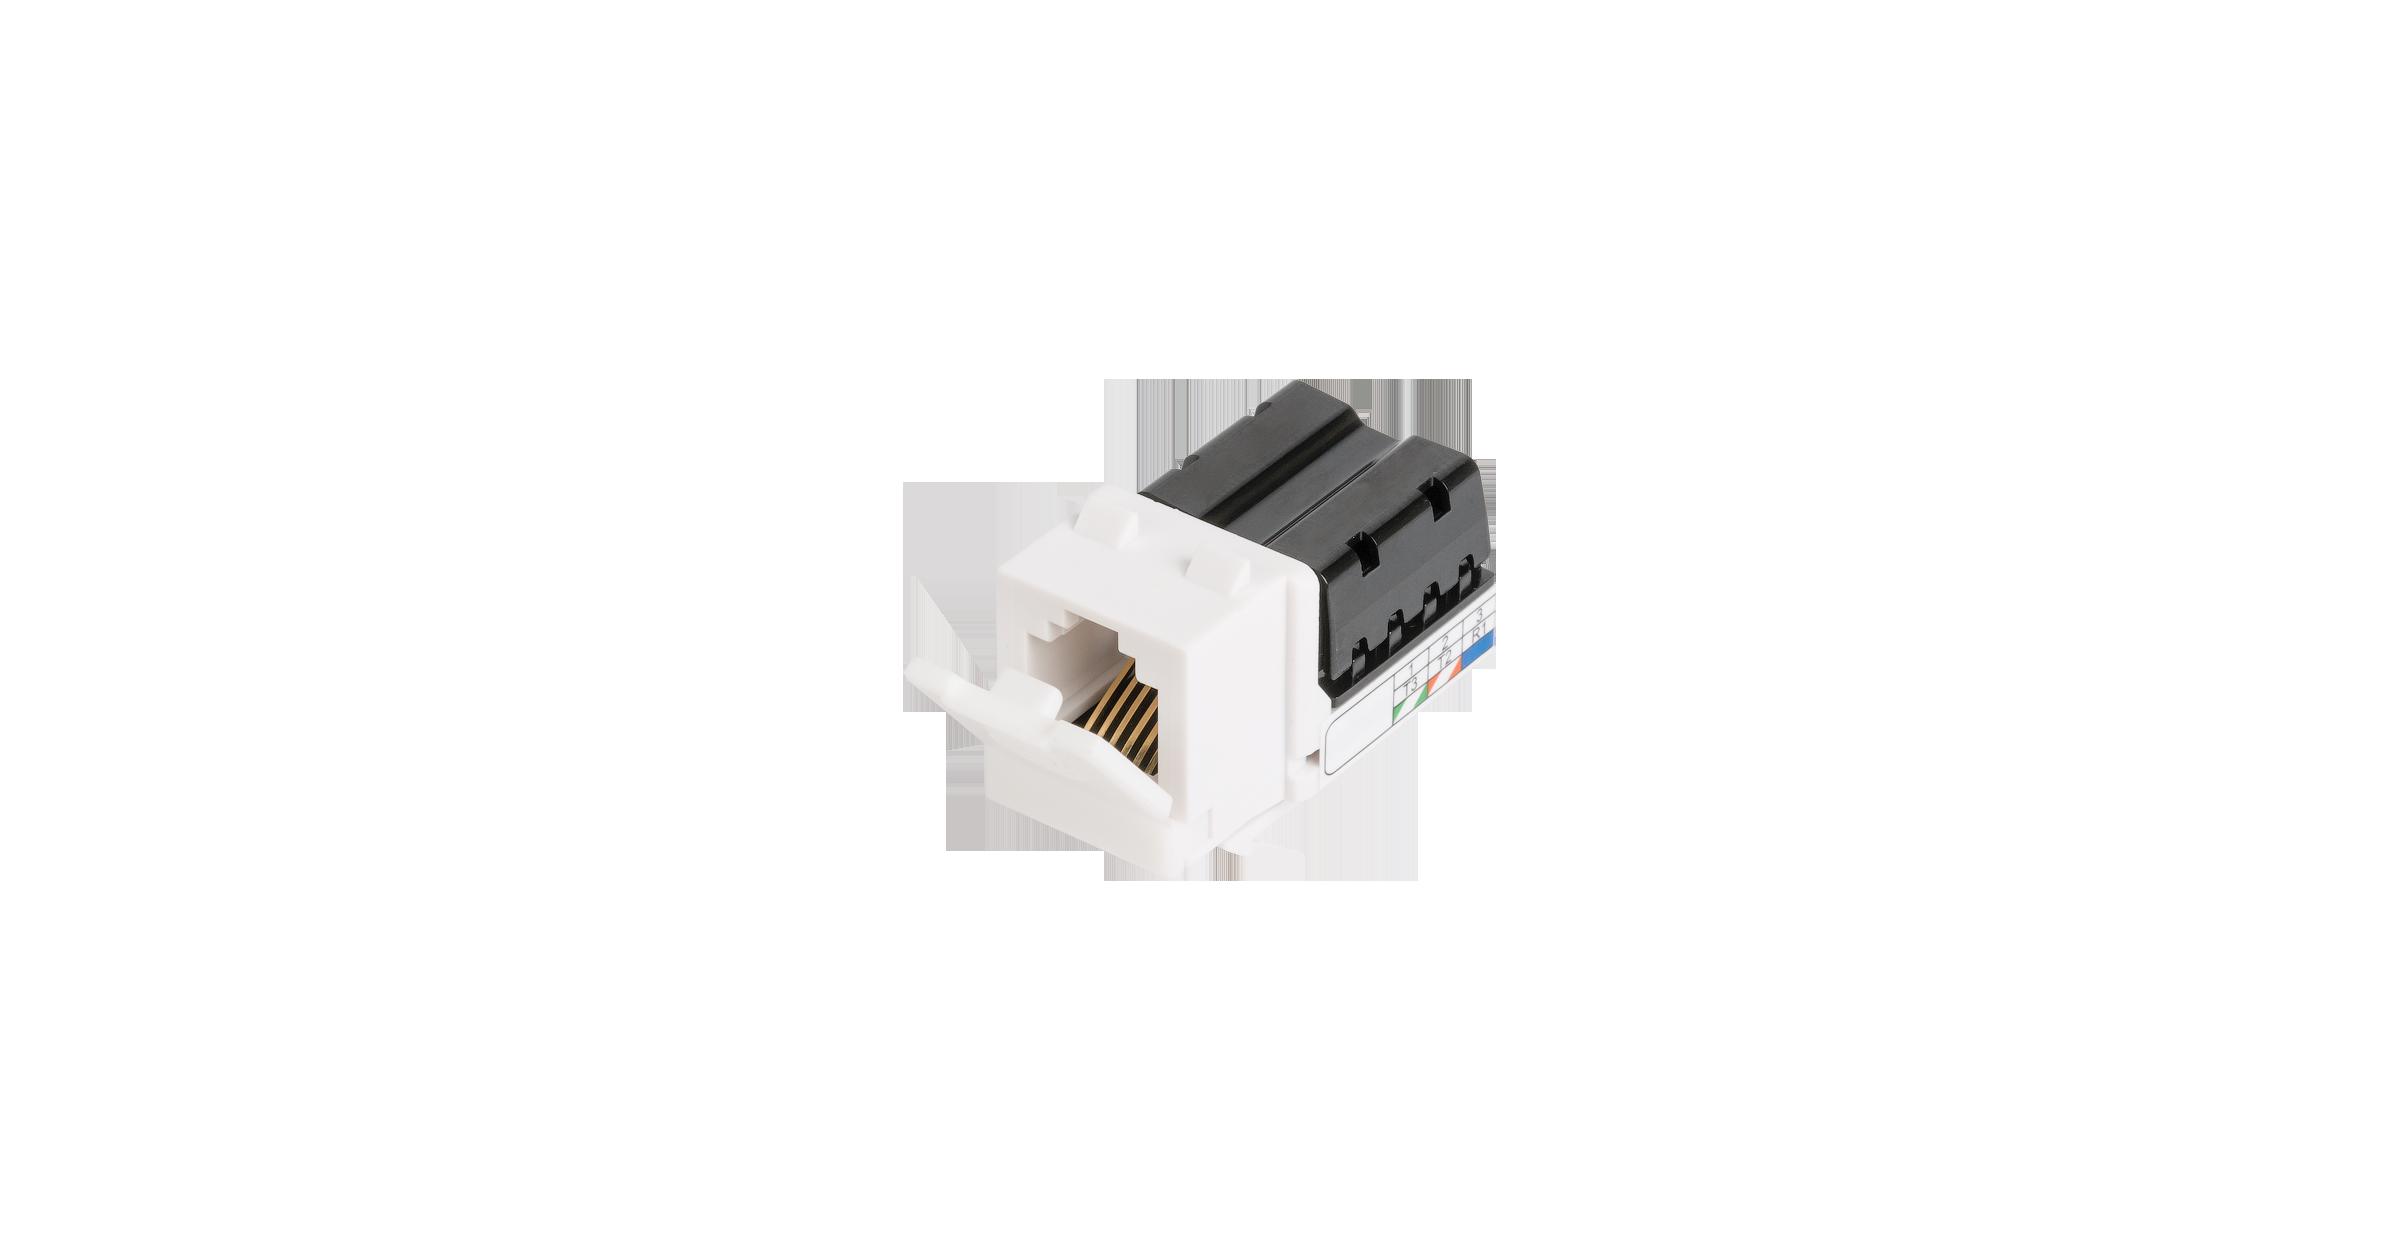 Модуль-вставка NIKOMAX типа Keystone, Кат.3 (Класс C), 16МГц, RJ12/6P6C, 110/KRONE, USOC, неэкранированный, белый